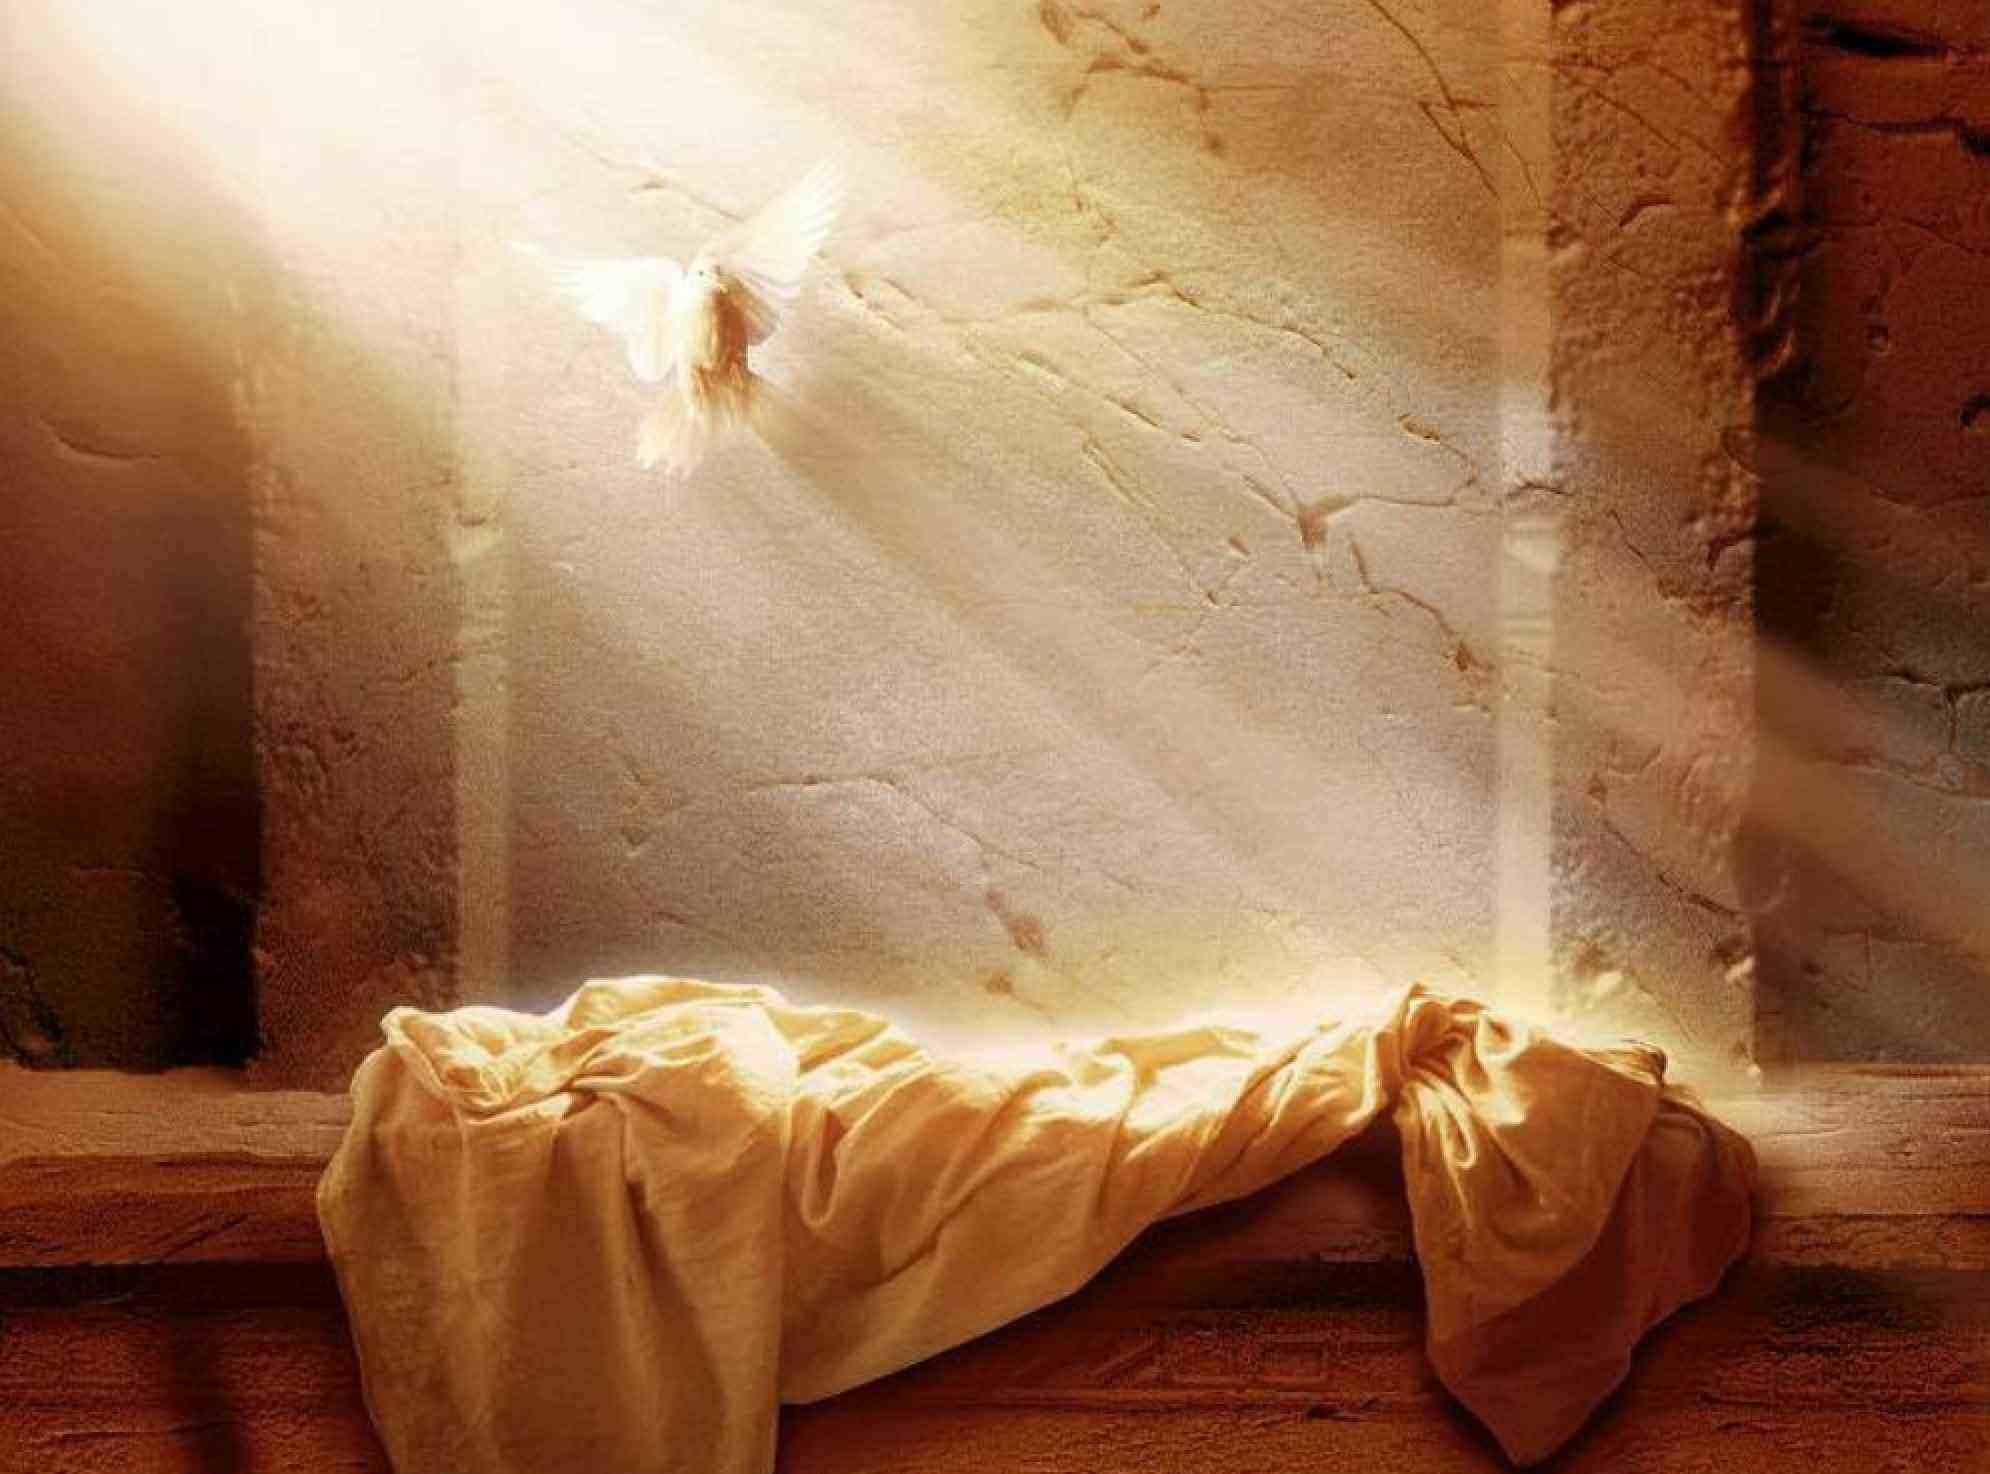 Kubur Yesus